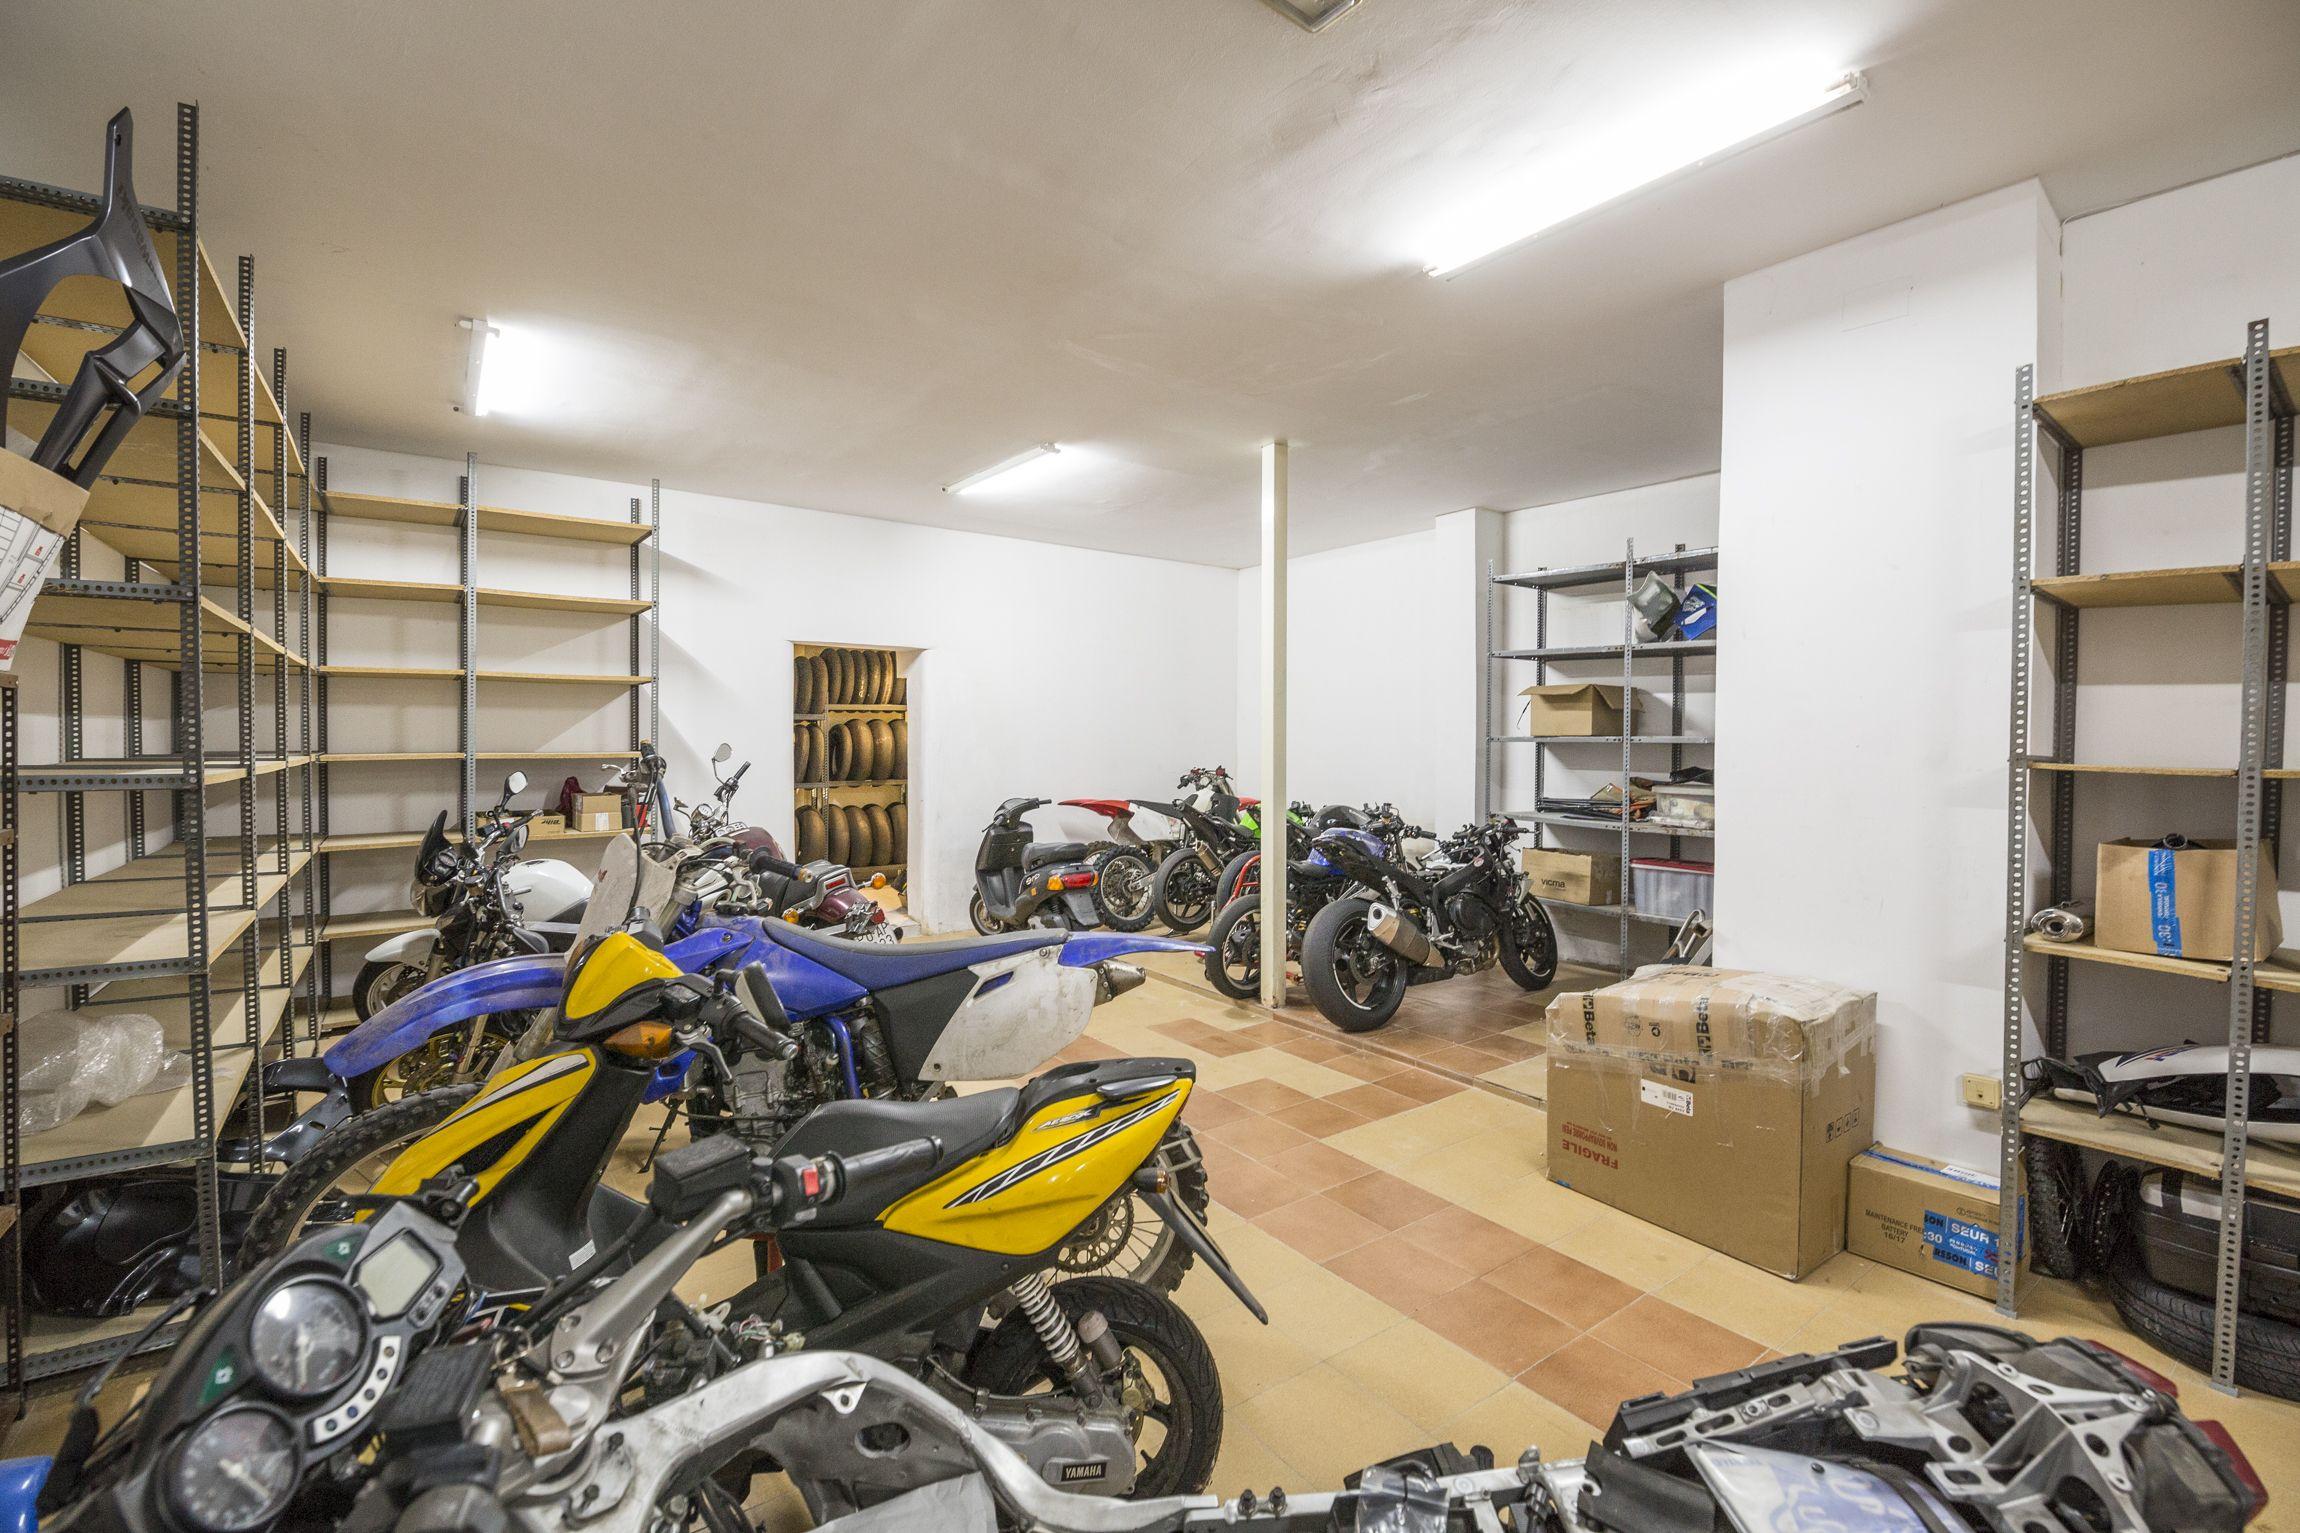 Talleres de motos en Vigo